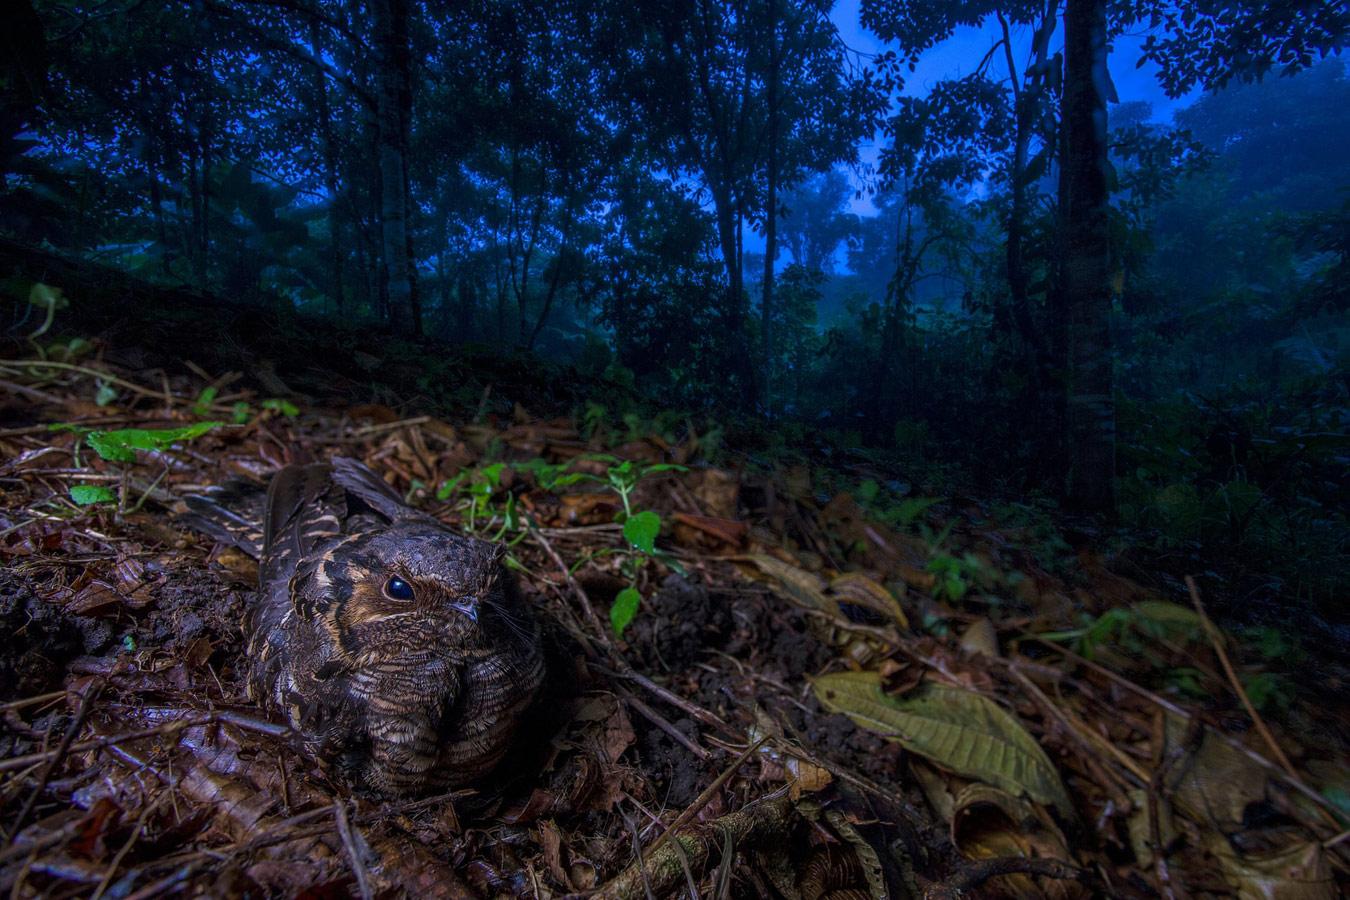 Быть матерью, © Хайме Кулебрас, Испания, Победитель категории «Птицы», Фотоконкурс «Европейский фотограф дикой природы»